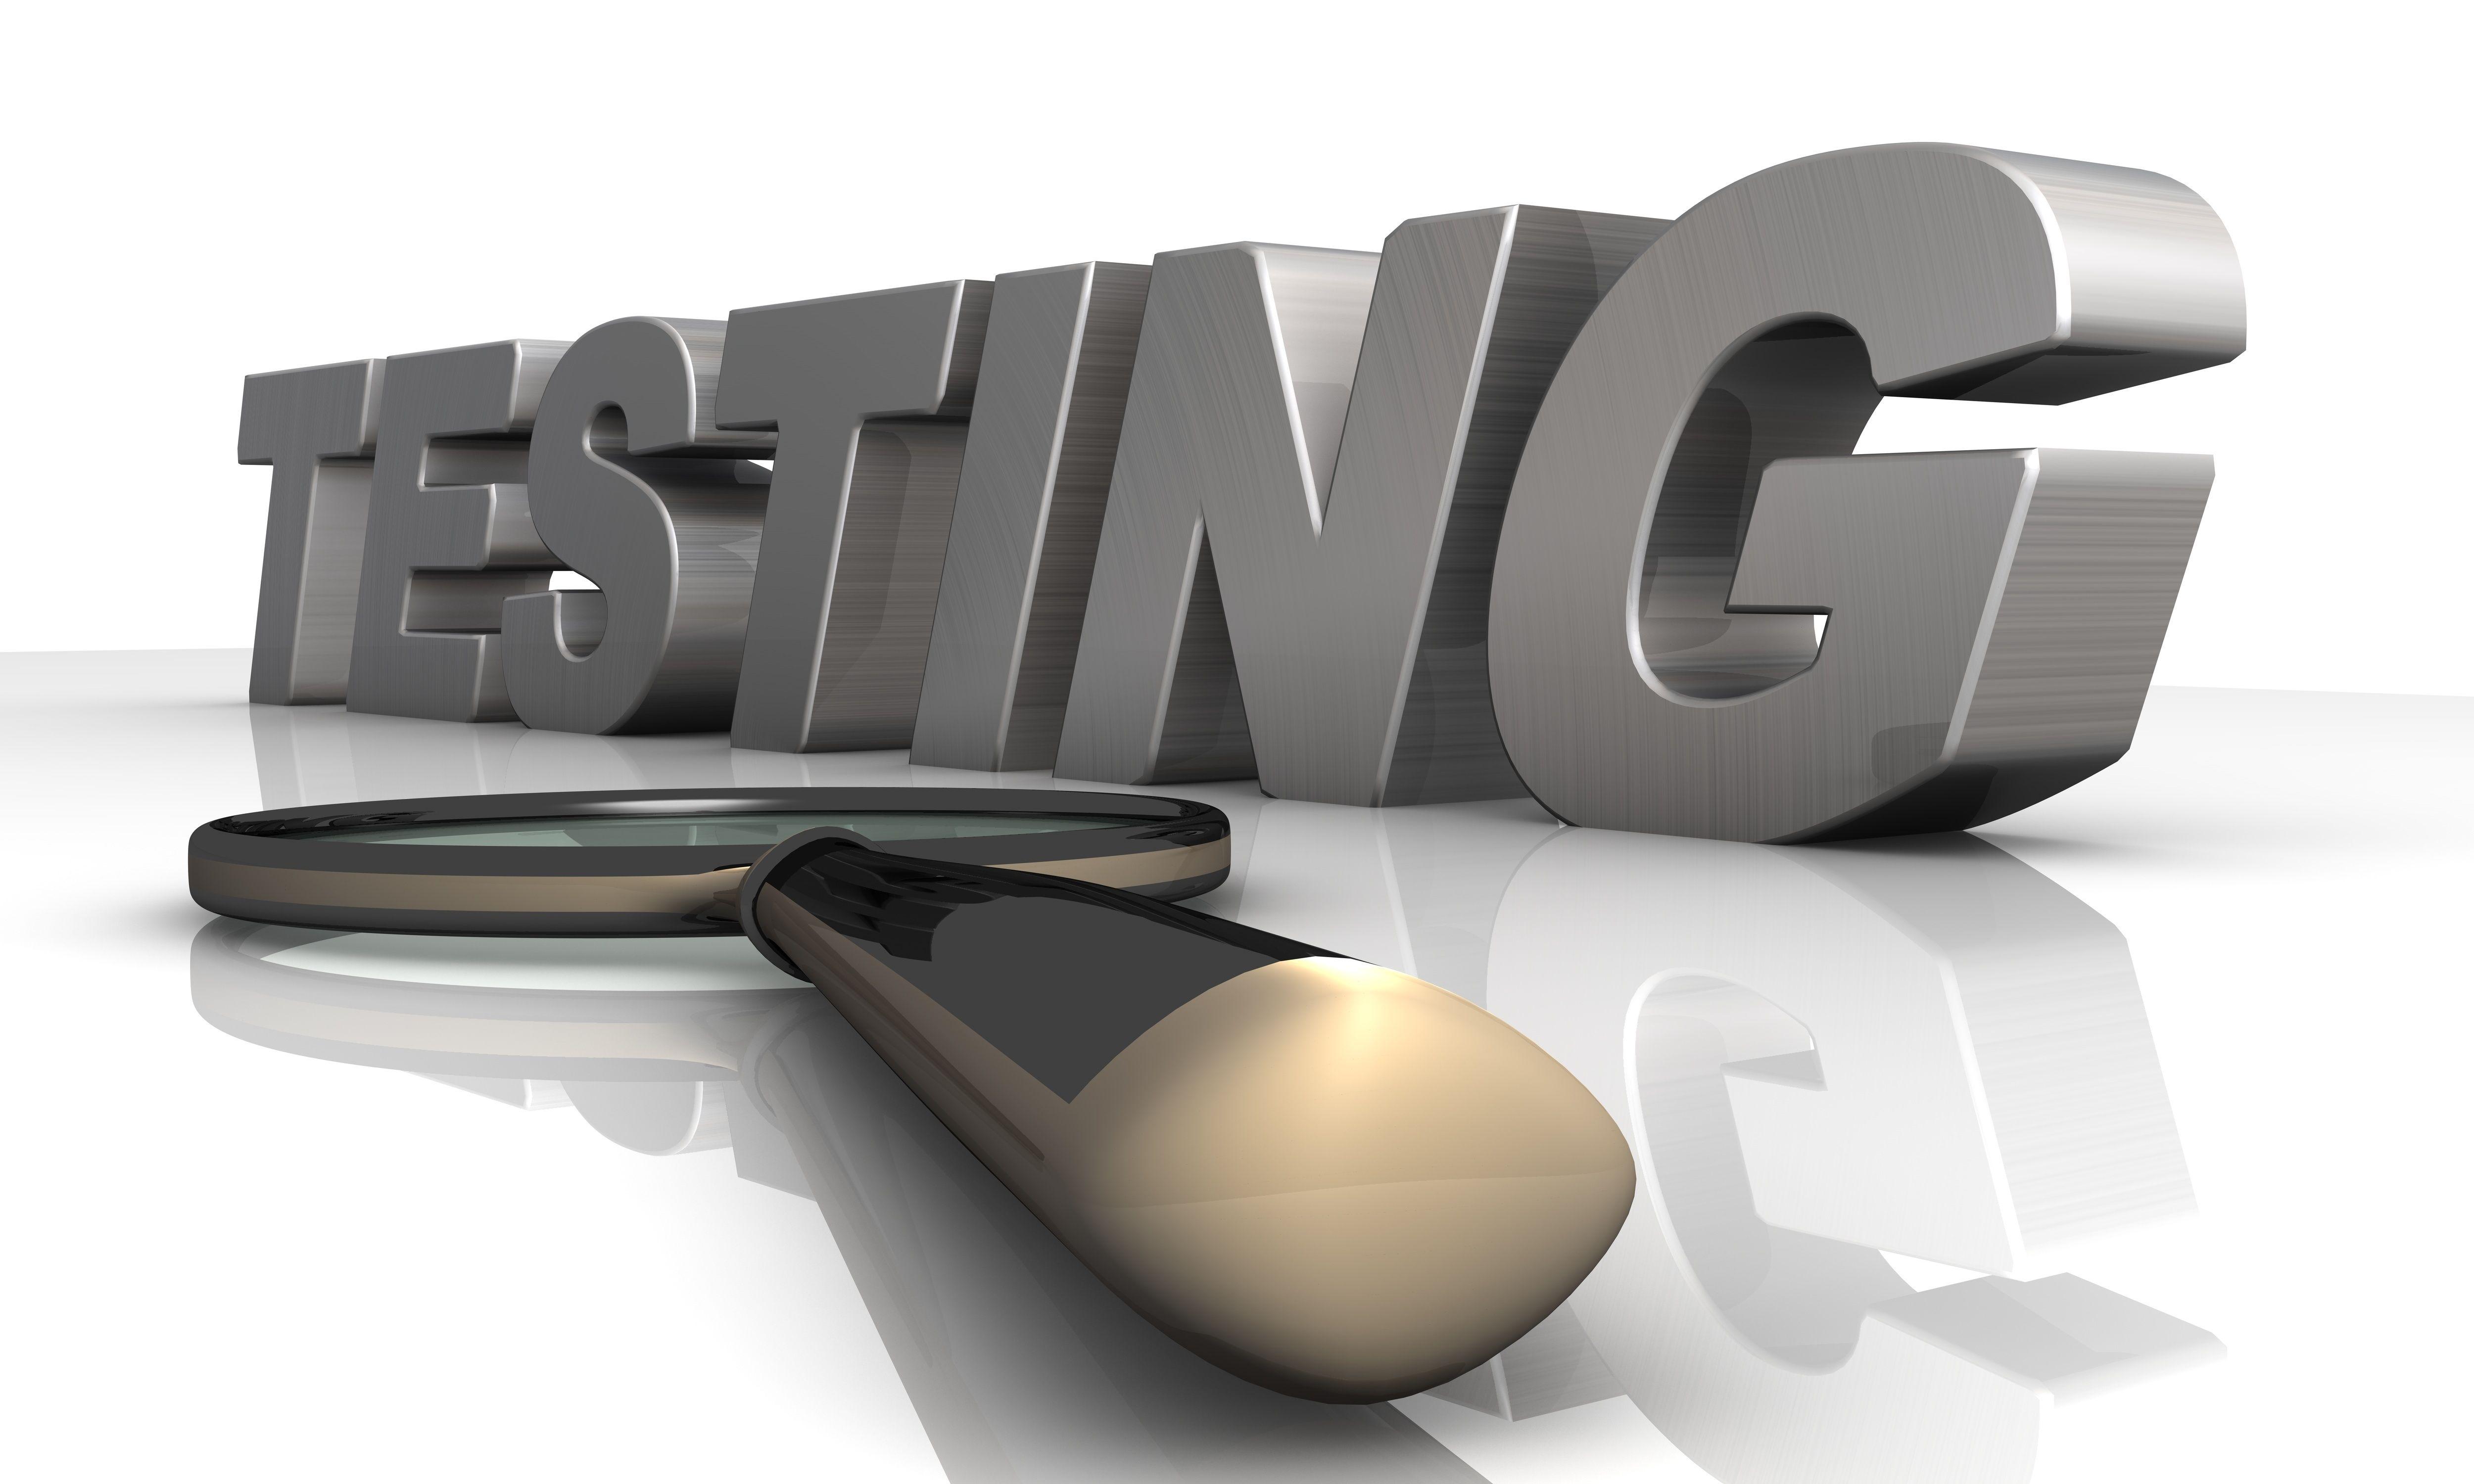 RiVidium has partnered with key testing, hardware and